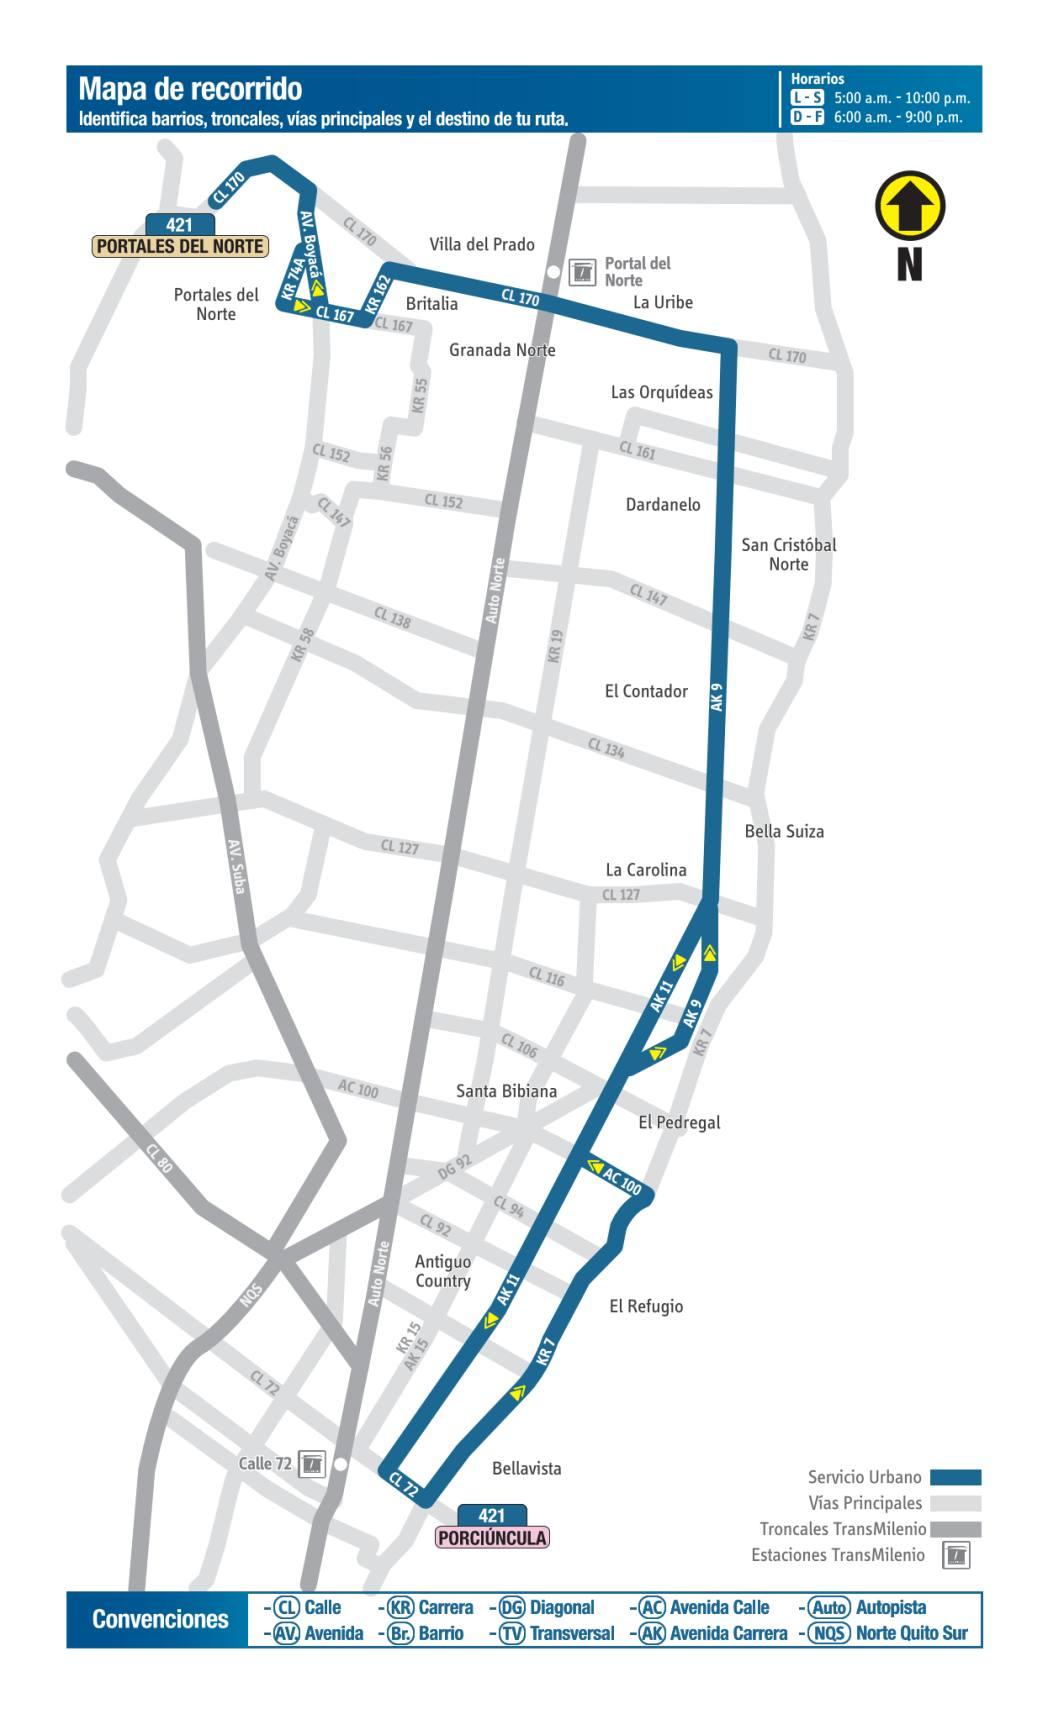 421 Portales del Norte - Porciúncula, mapa bus urbano Bogotá